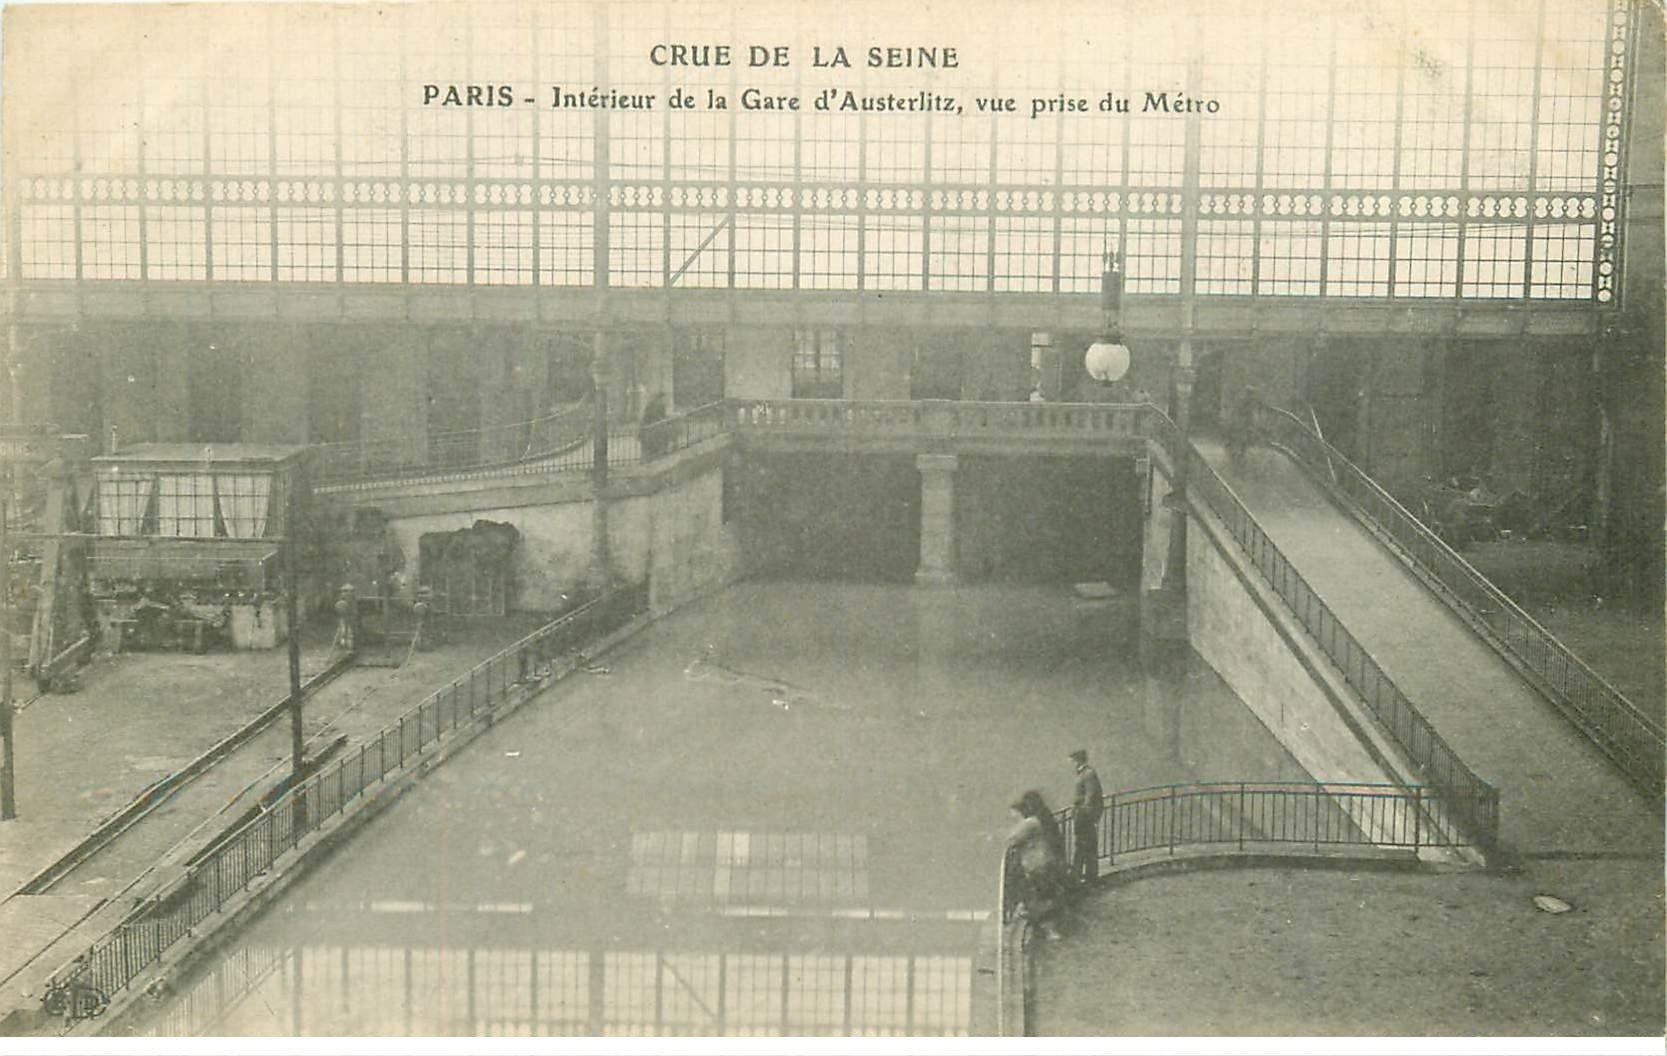 carte postale ancienne INONDATION ET CRUE DE PARIS 1910. Métro Gare d'Austerlitz